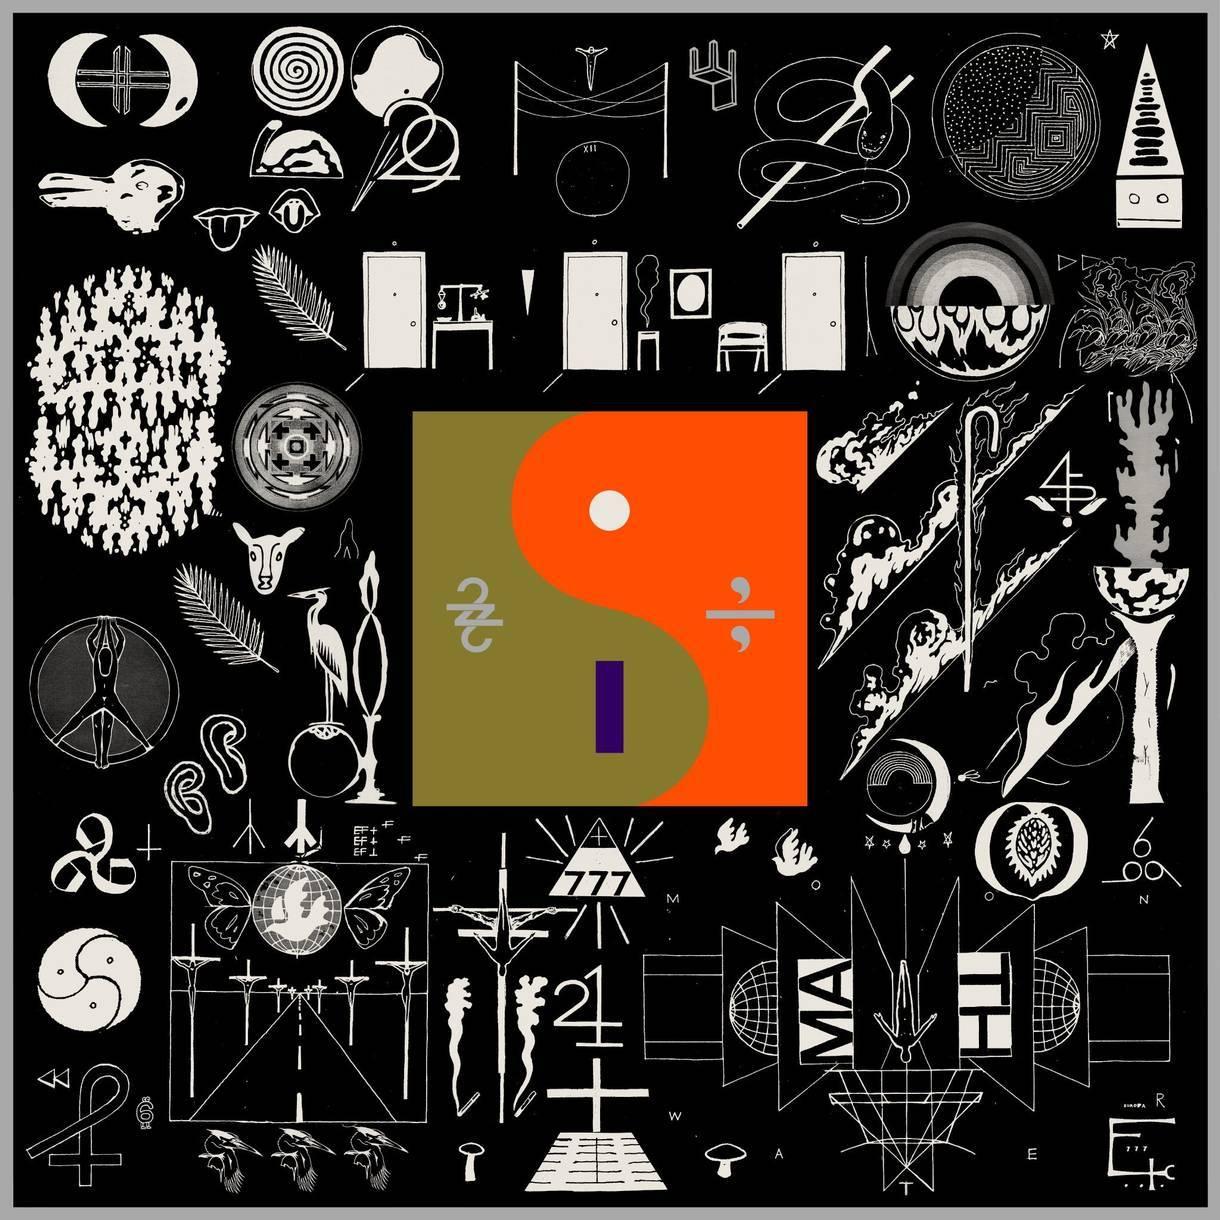 bon-iver-premieres-two-songs-announces-new-album-live-at-eaux-claires-body-image-1471059706